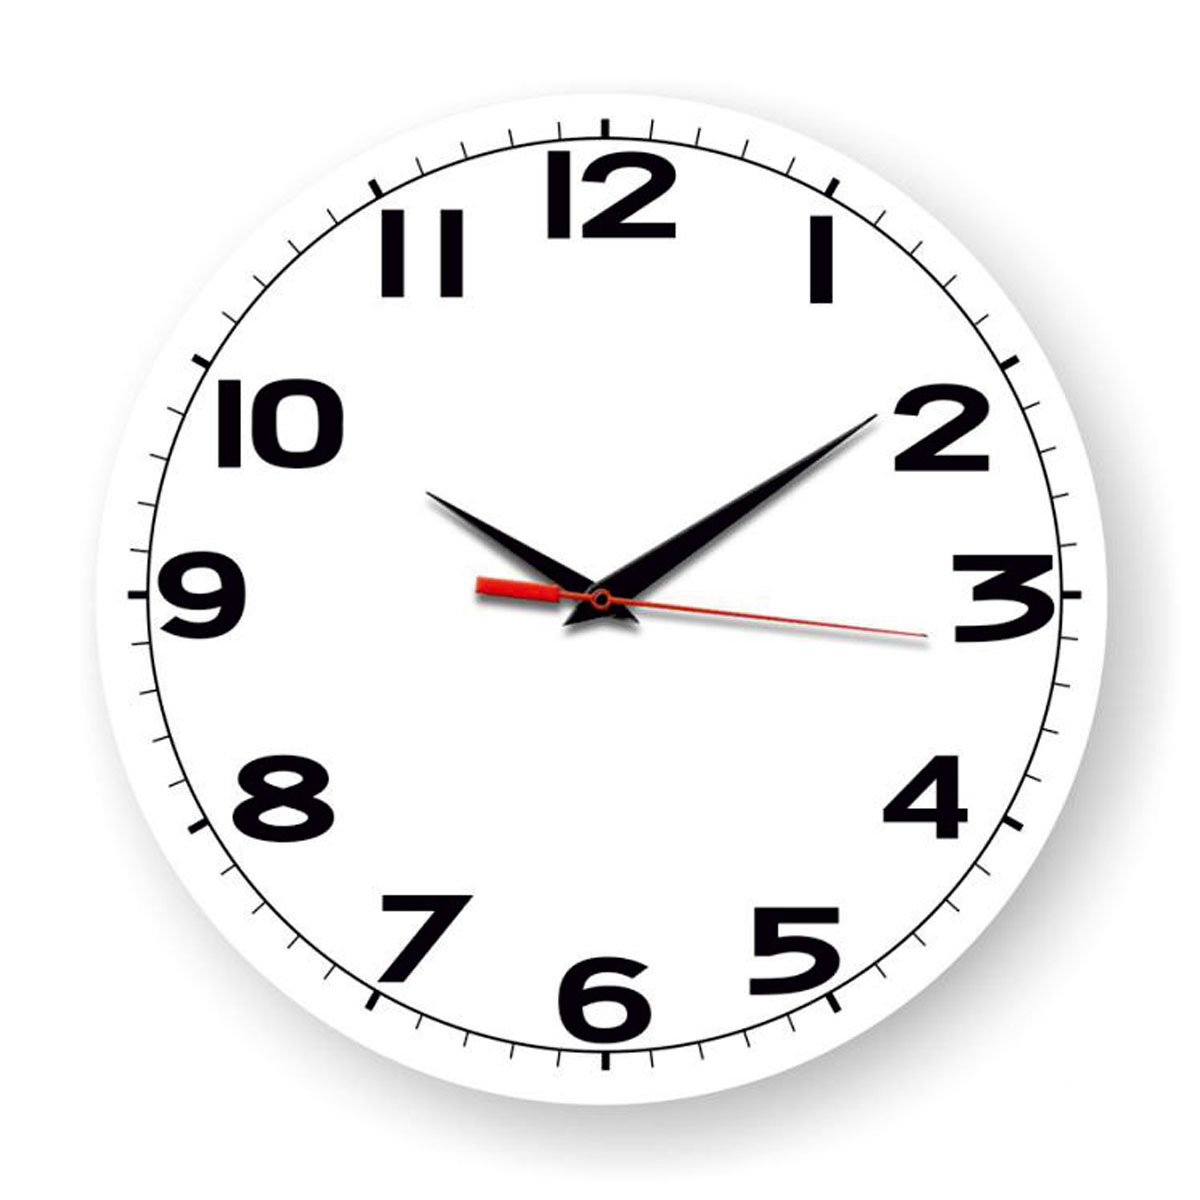 Часы настенные Miolla Дети, цвет: черный, белый94672Оригинальные настенные часы круглой формы выполнены из закаленного стекла. Часы имеют три стрелки - часовую, минутную и секундную и циферблат с цифрами. Необычное дизайнерское решение и качество исполнения придутся по вкусу каждому. Диаметр часов: 28 см.Часы работают от 1 батарейки типа АА напряжением 1,5 В.